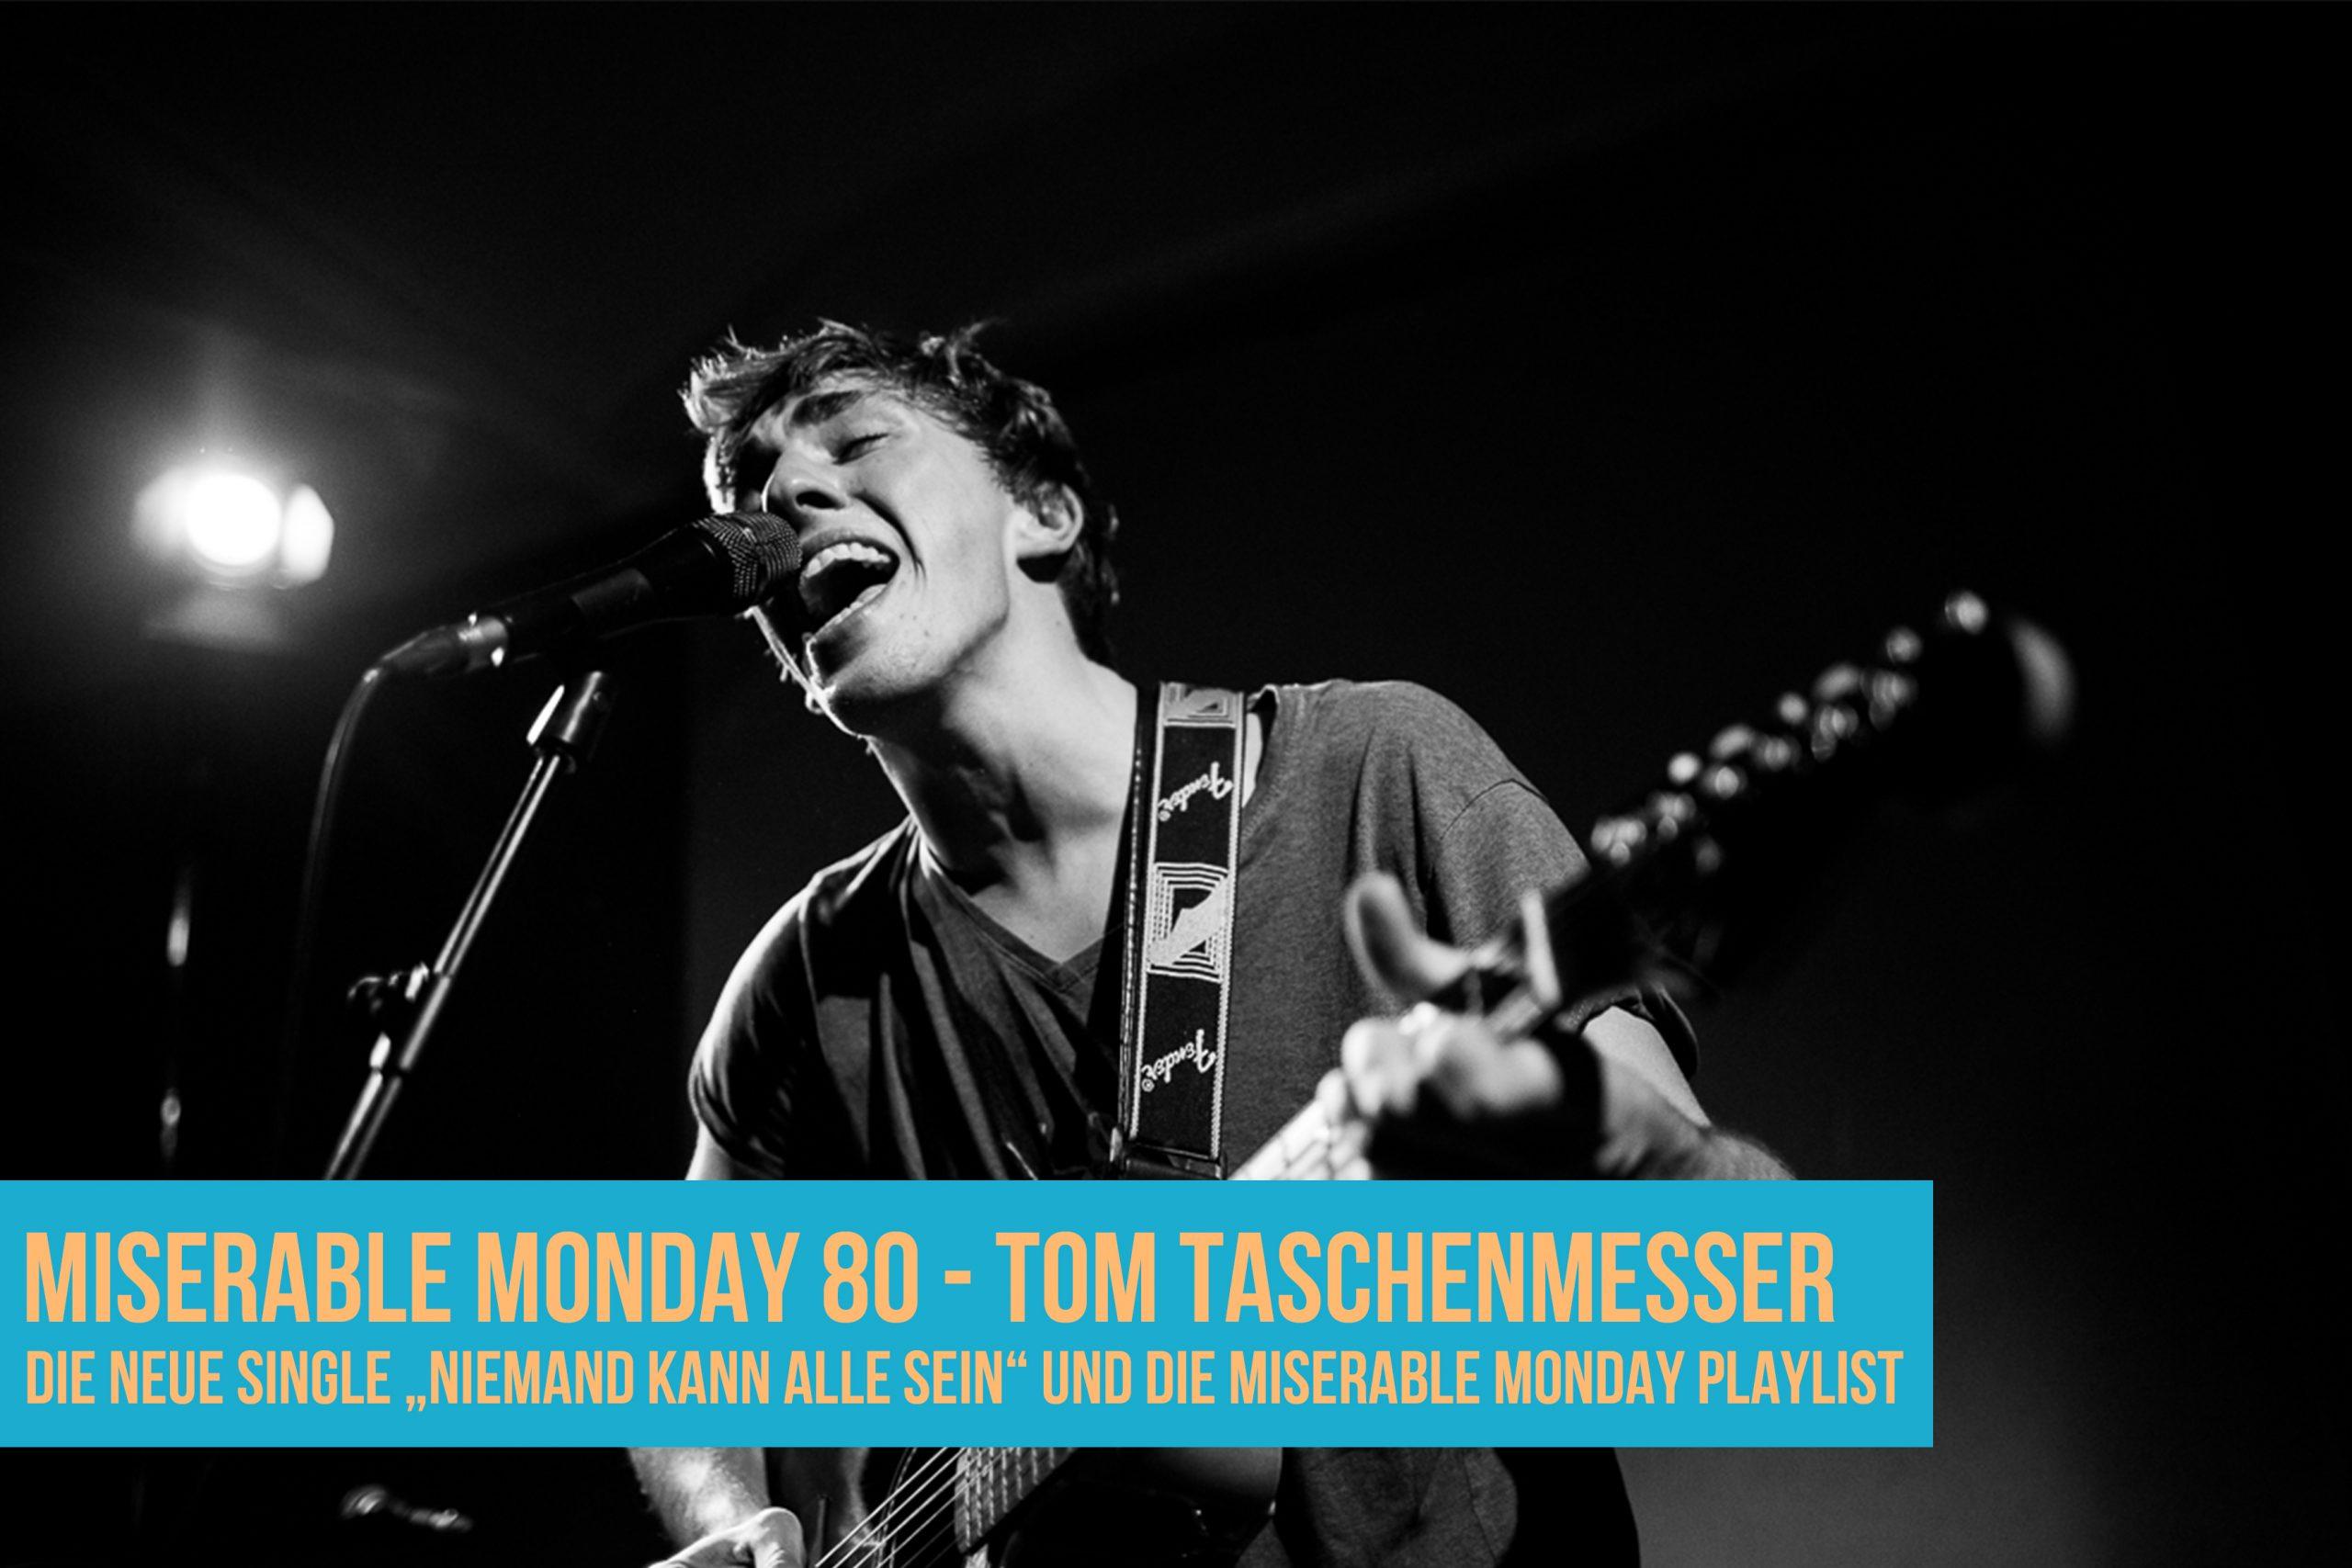 80 - Tom Taschenmesser